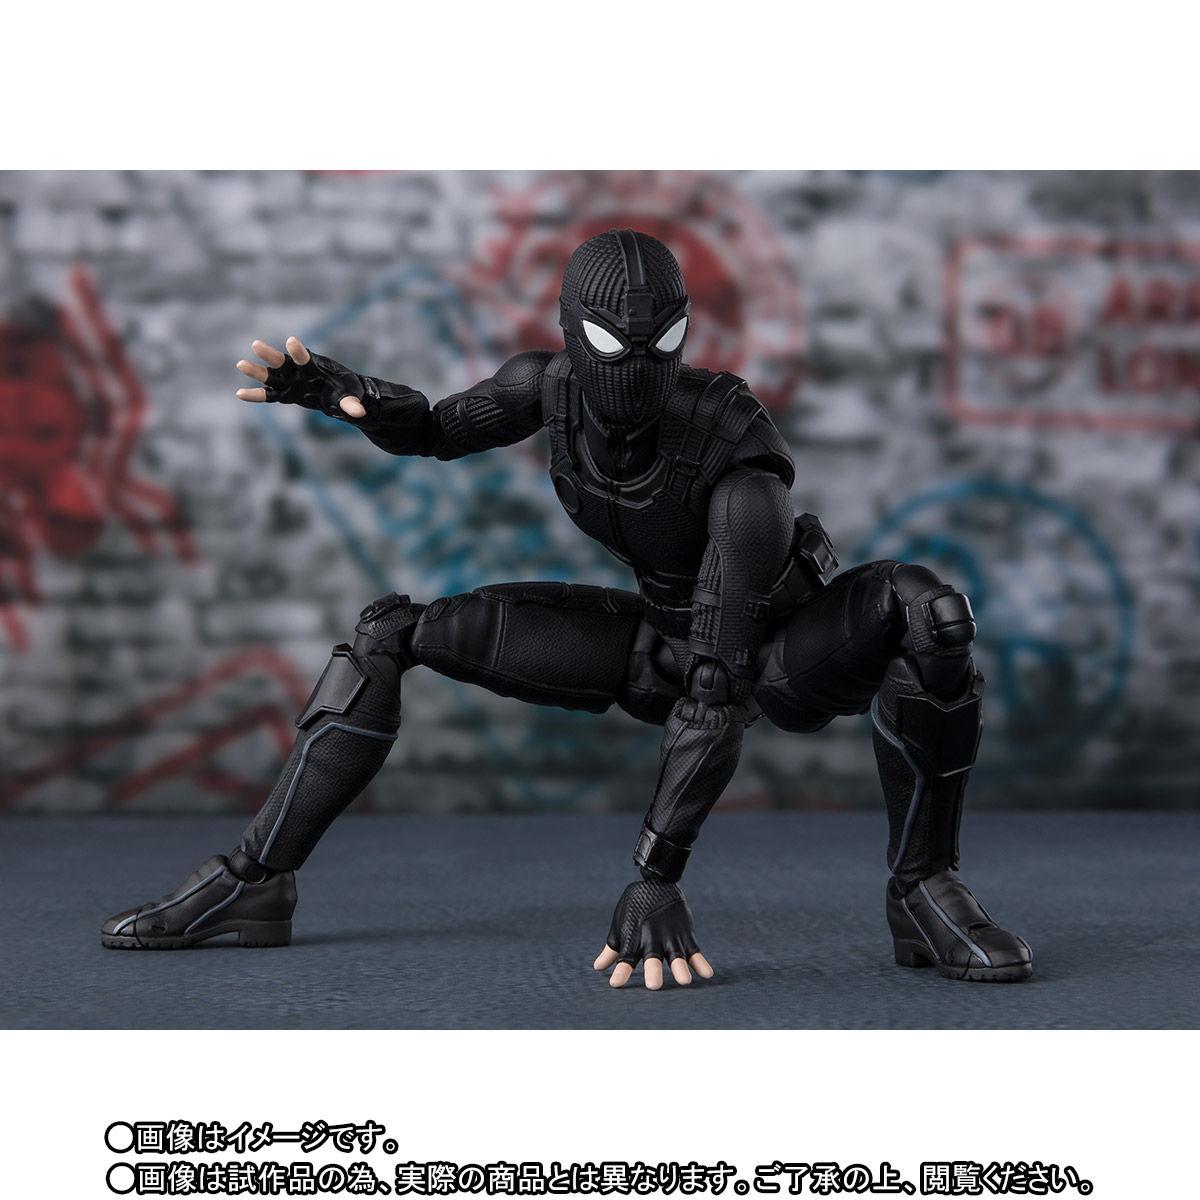 S.H.Figuarts『スパイダーマン ステルス・スーツ』スパイダーマン:ファー・フロム・ホーム アクションフィギュア-004